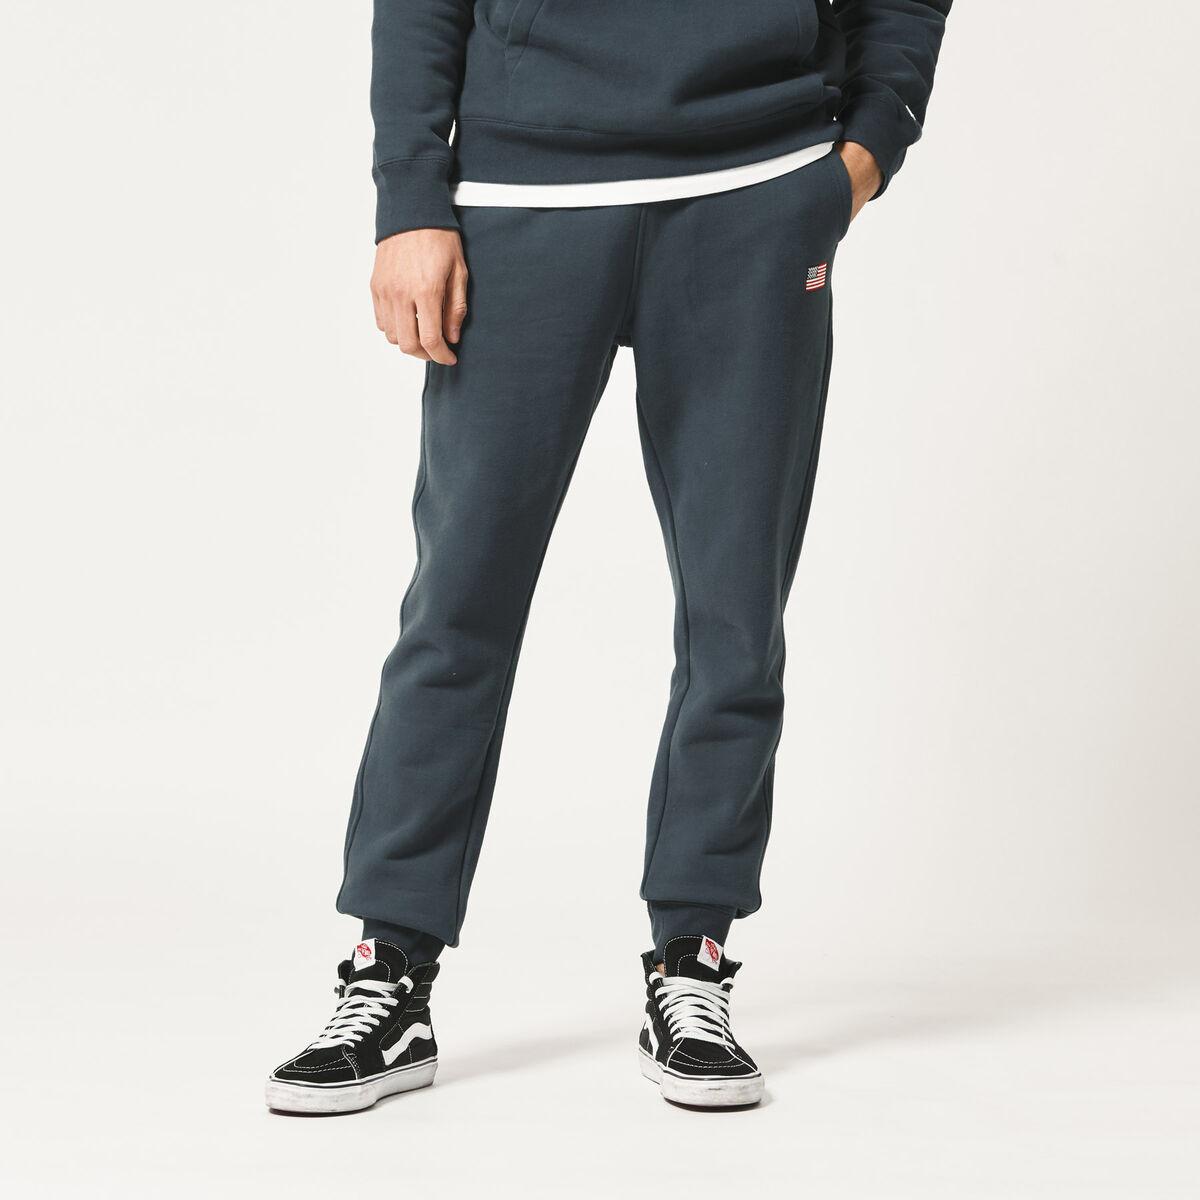 Pantalon de jogging Conner